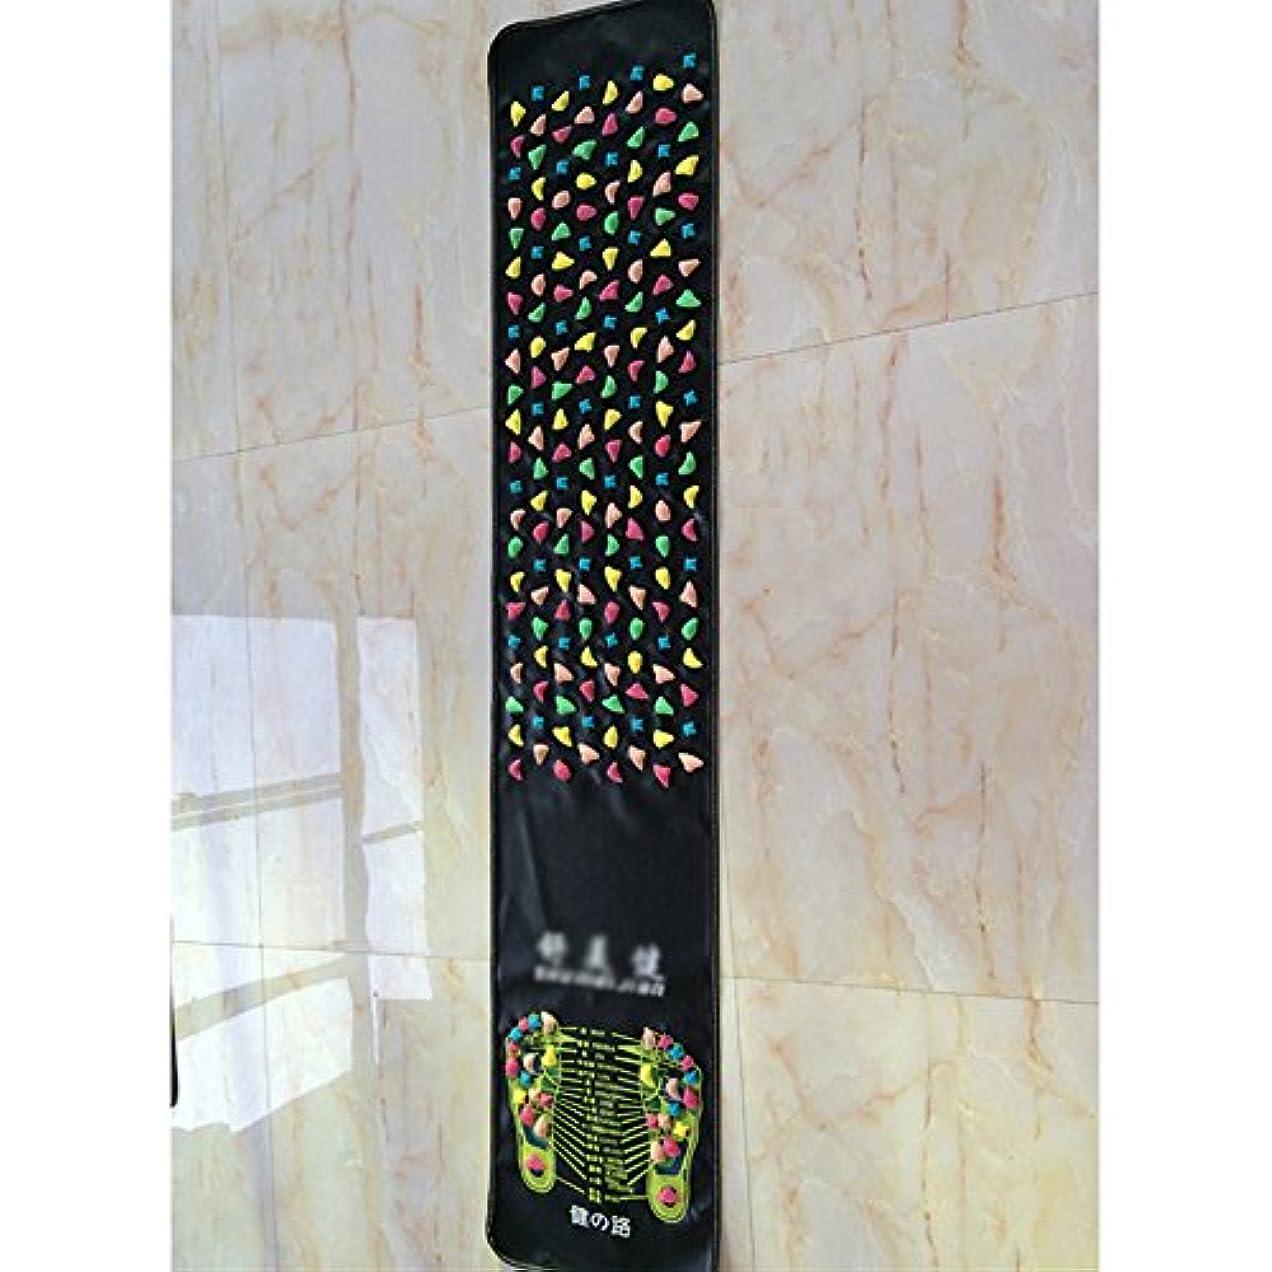 足つぼマット 足つぼマッサージシート フットマッサージマット 健康 足裏 血行促進 健康グッズ 模造石畳の歩道 フットマッサージ